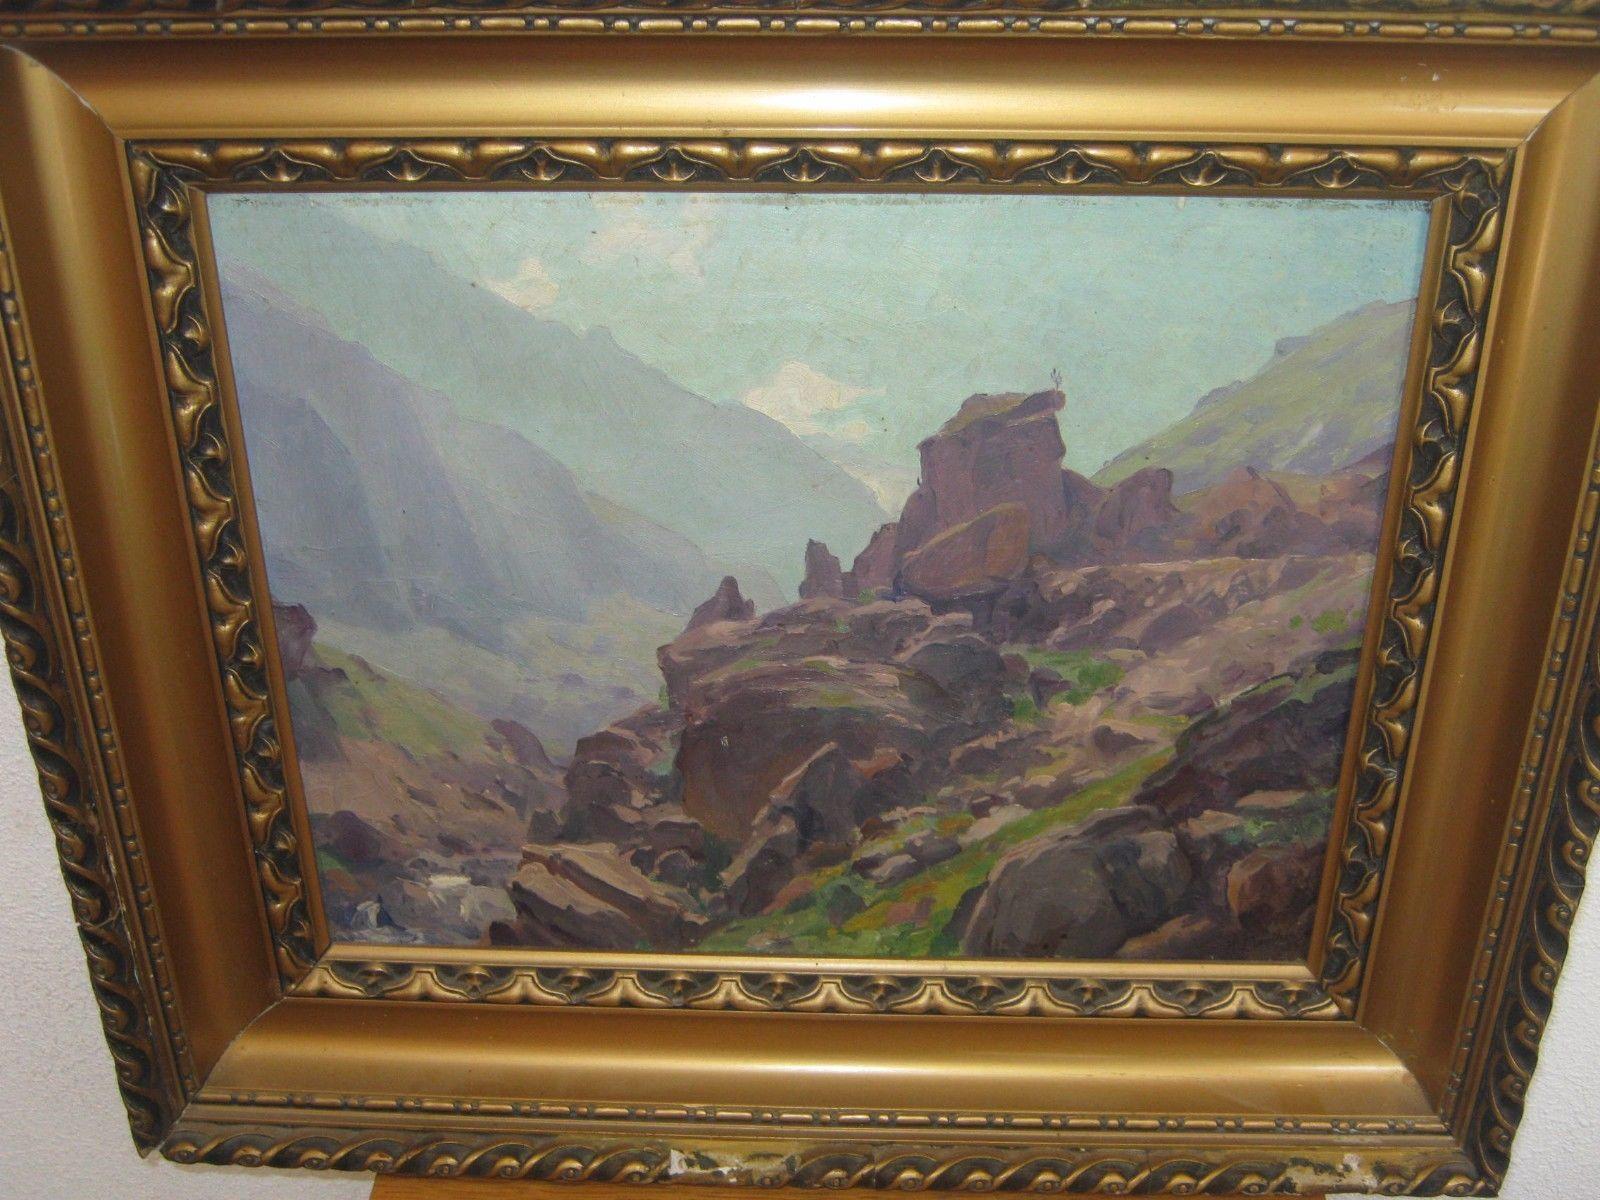 ancien tableau montagne signé h moutier 1925 https://t.co/J8Eqbn5Q32 #Decoration https://t.co/D04LC9fGuH